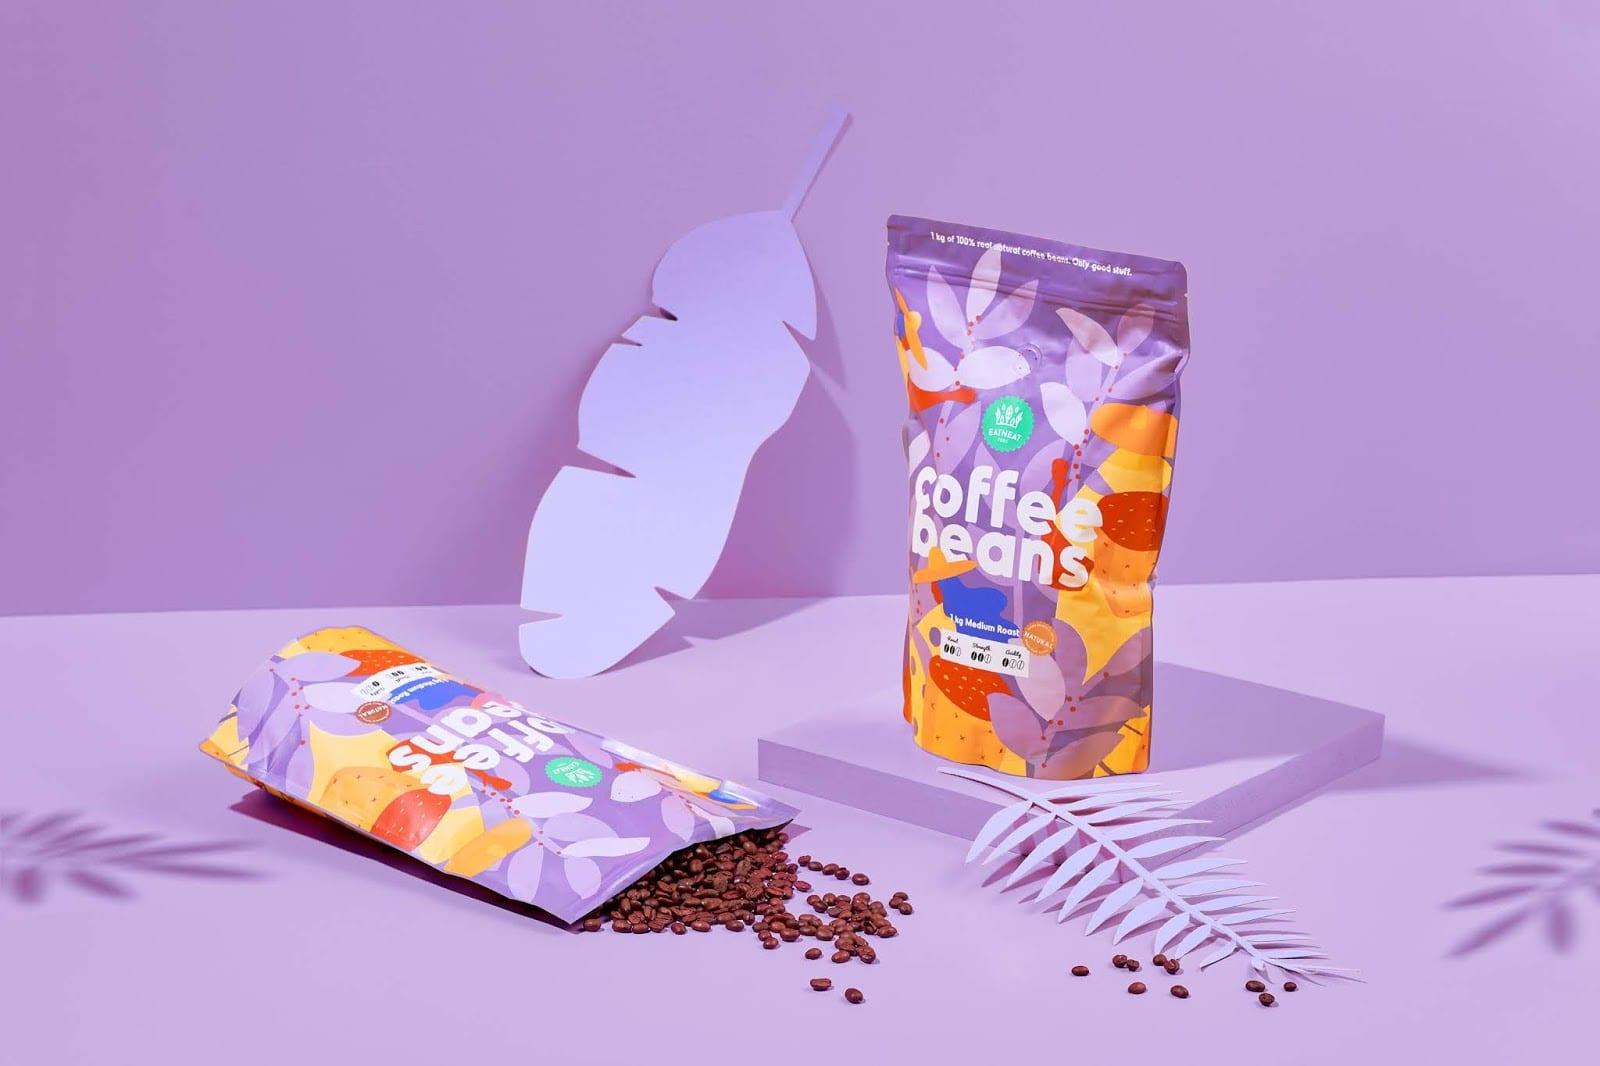 coffebeans12 - Coffee Beans je nová značka kávy s hravým obalem